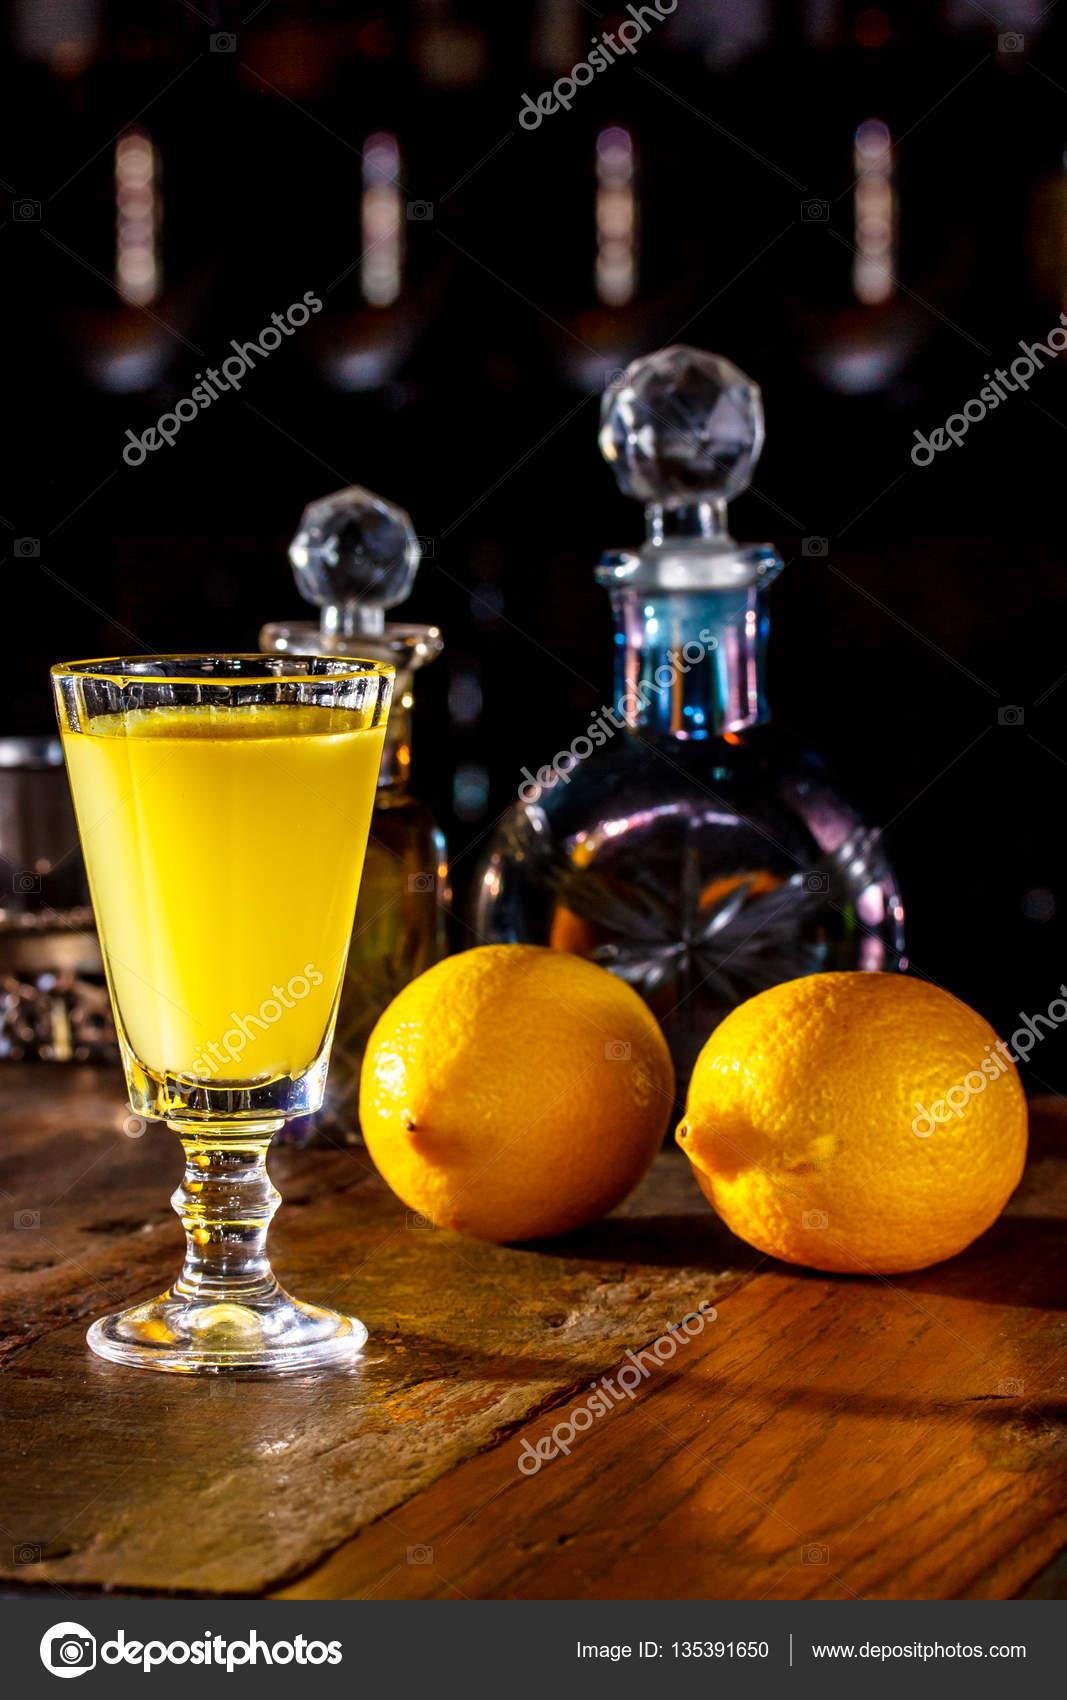 vaso de Limoncello está sobre la mesa en el cuarto oscuro. En el bac ...